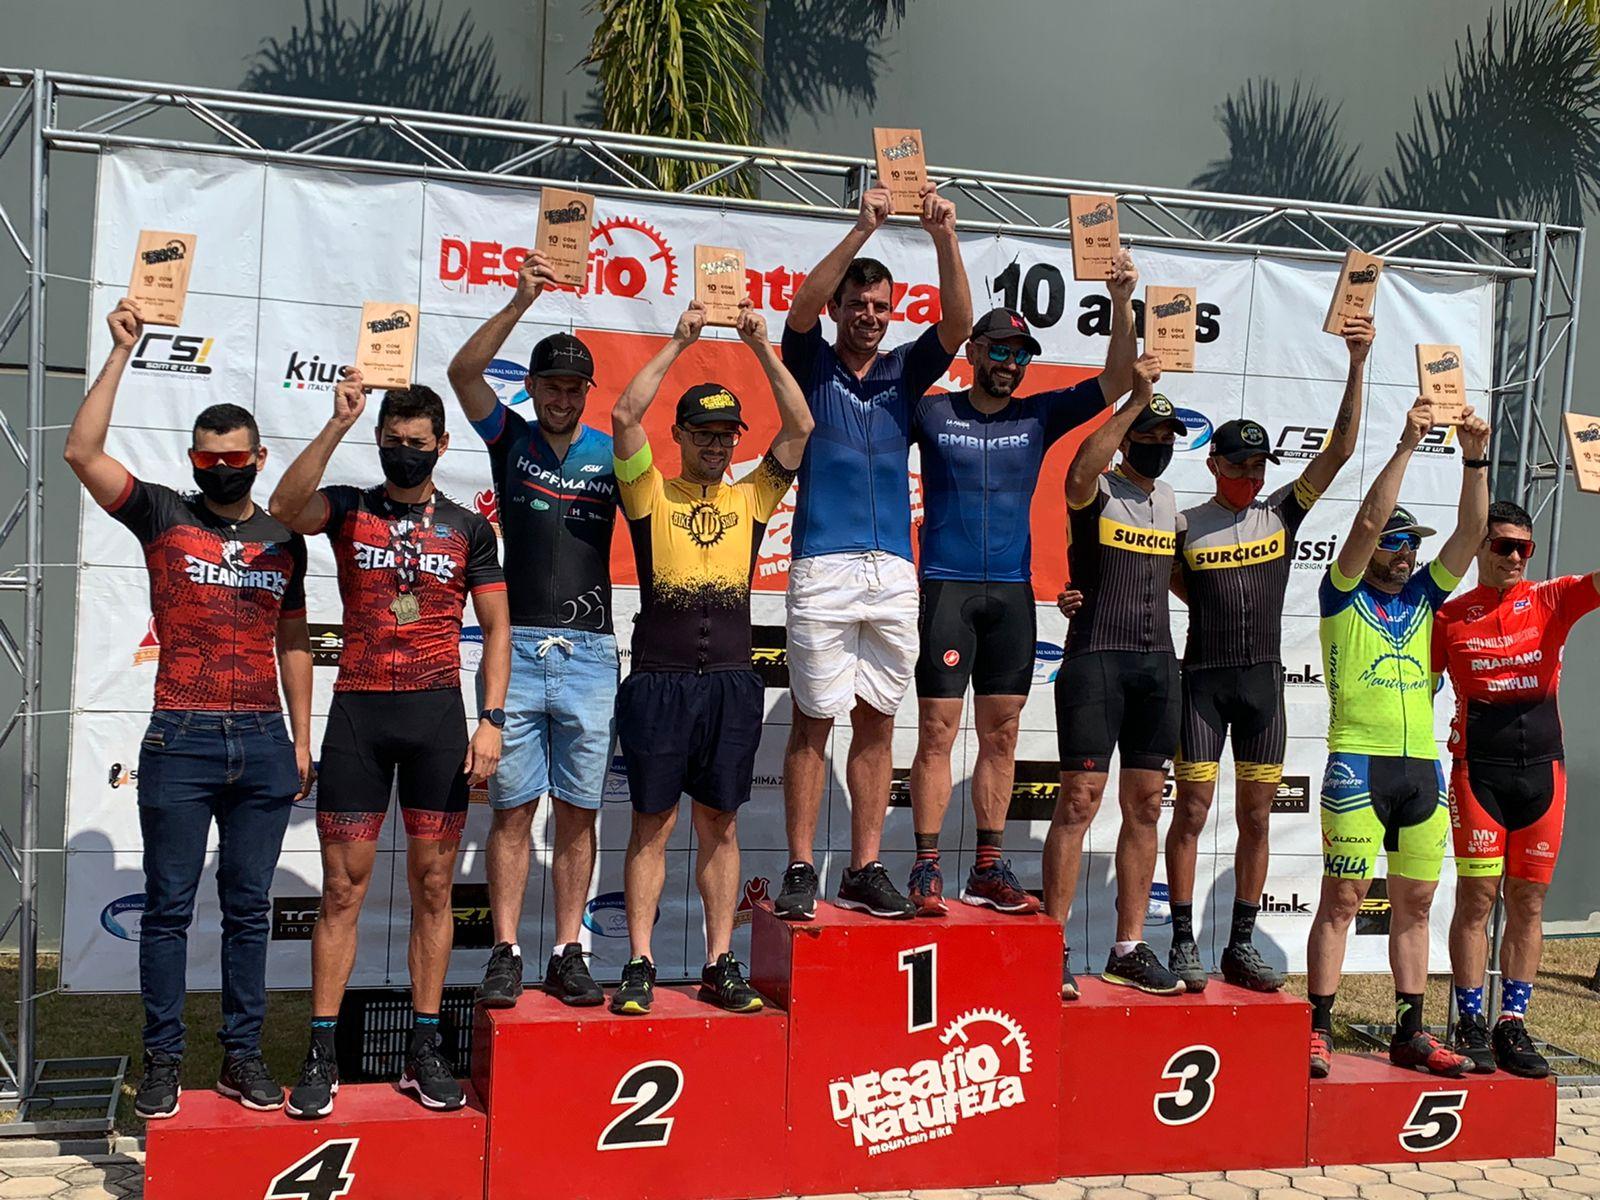 Foto - Atletas do grupo BMBIKERS ganharam medalhas, pódios e troféus em prova de ciclismo disputada em Lorena